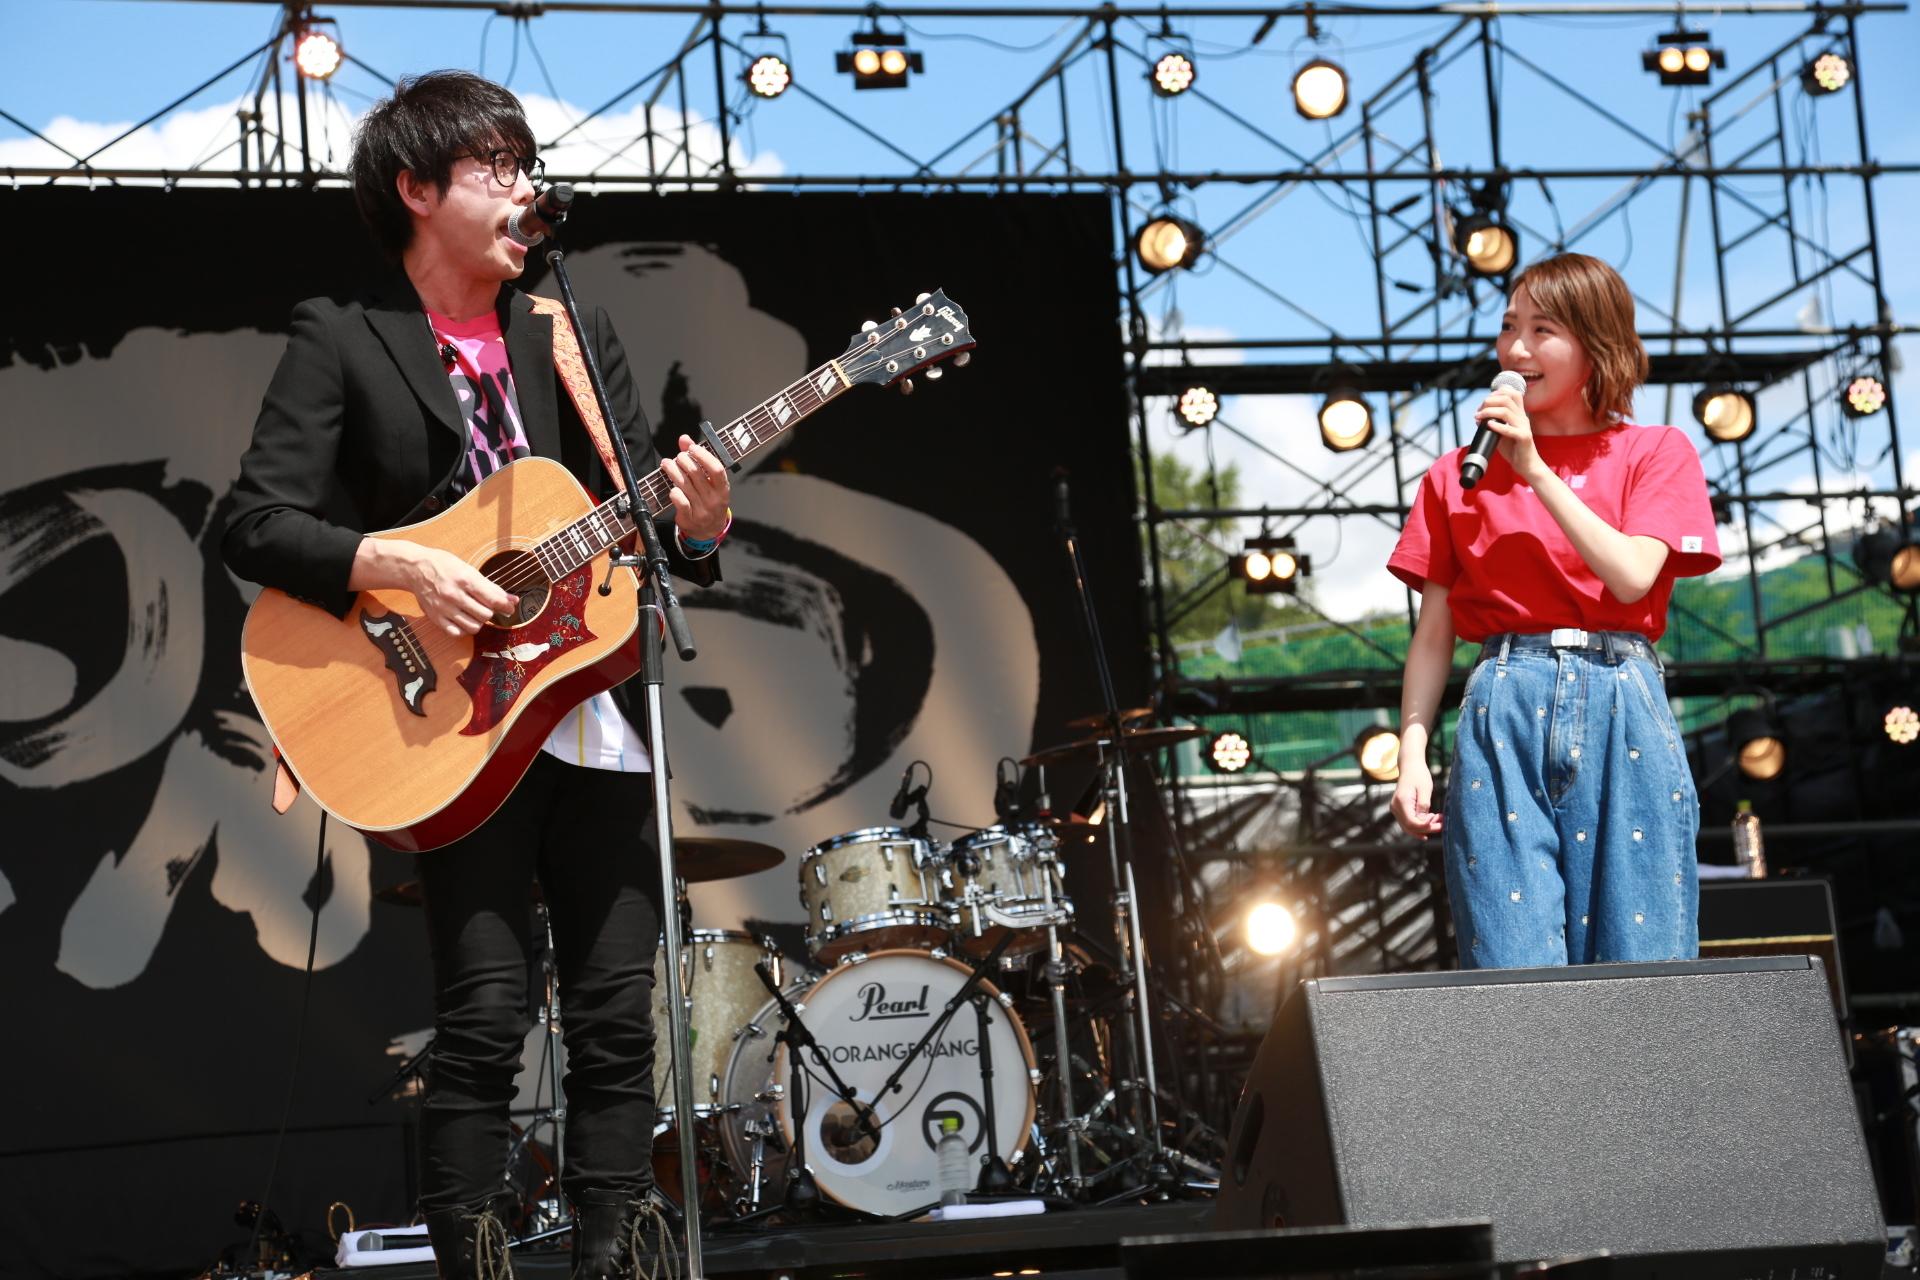 高橋優、生駒里奈『秋田CARAVAN MUSIC FES 2018』2018.9.2 撮影=新保勇樹